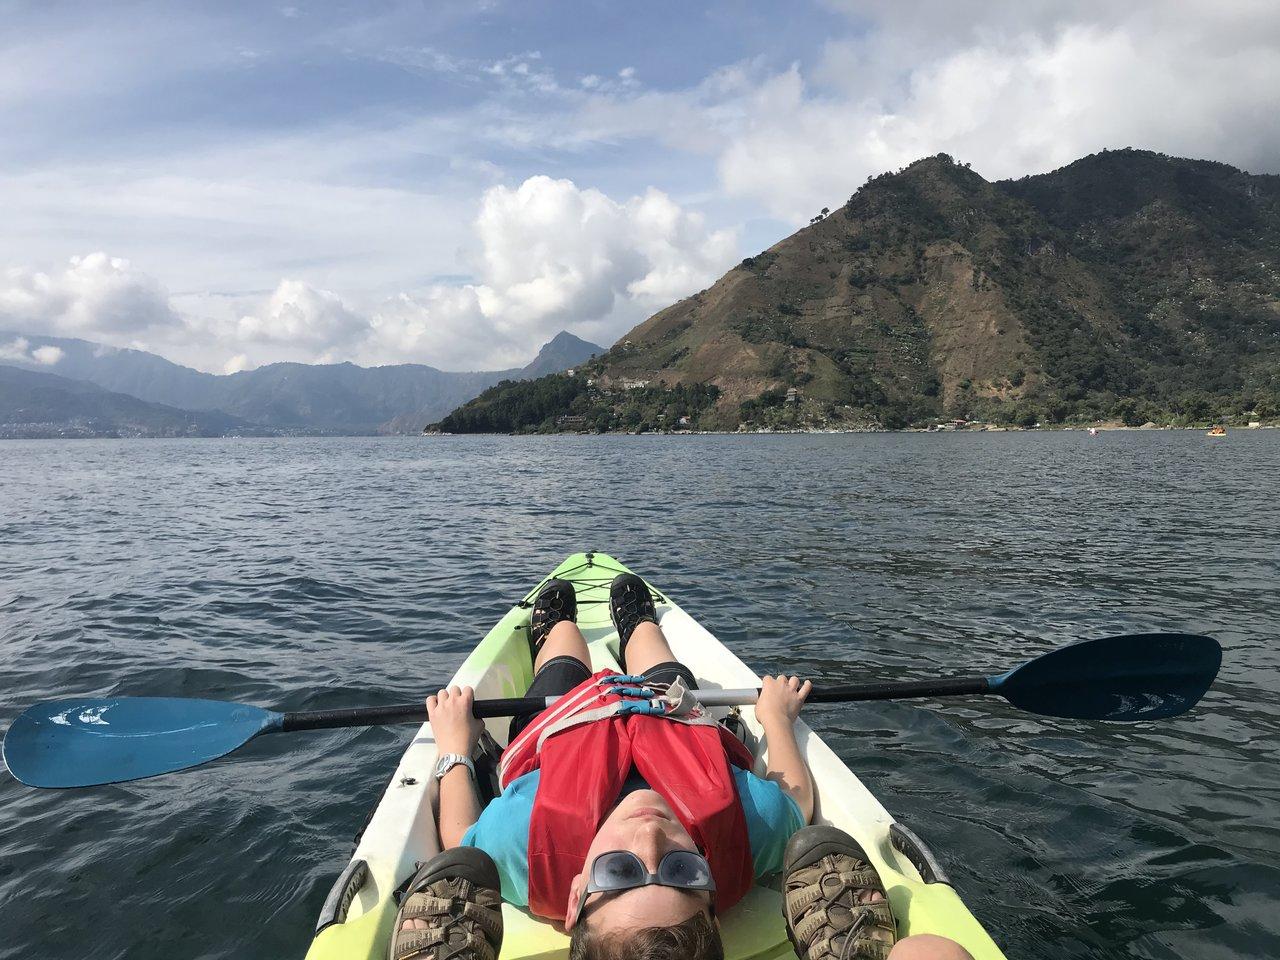 On the kayak | Photo taken by BRAD K